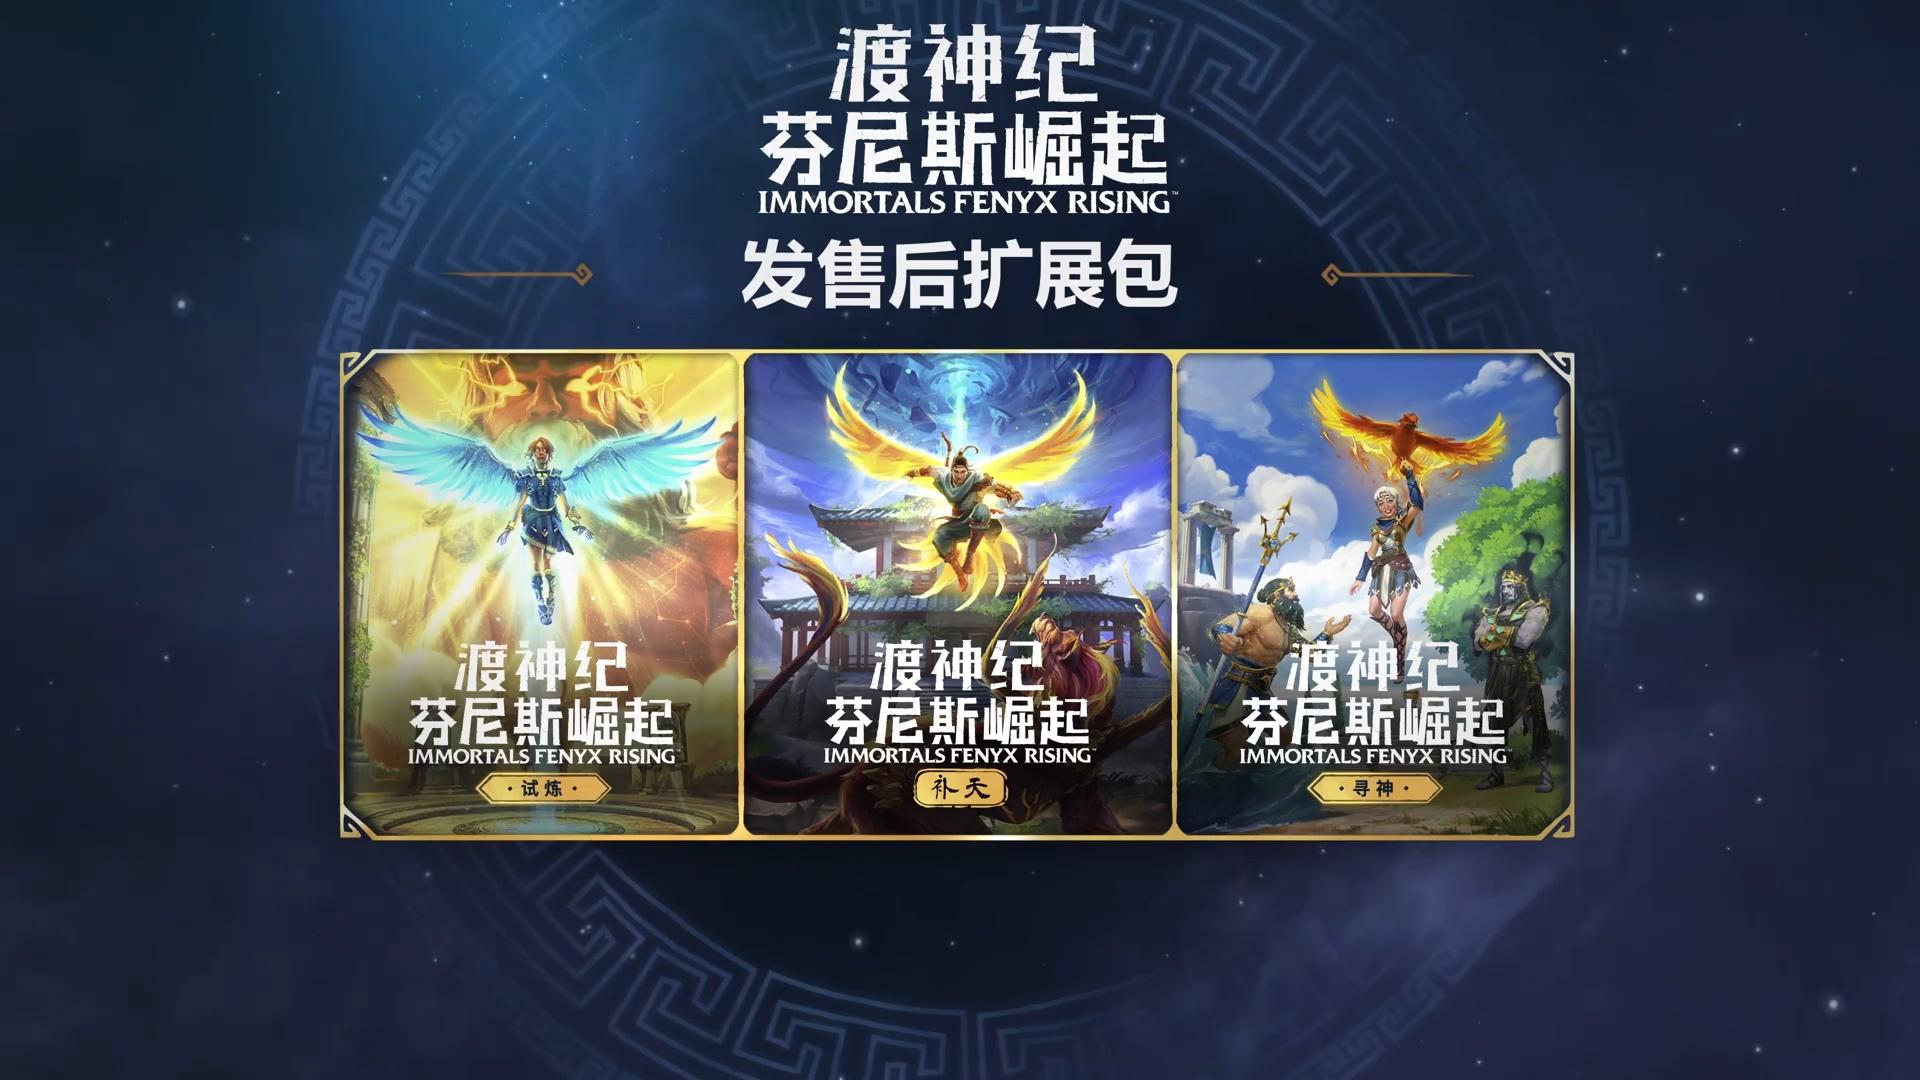 渡神纪将推出中国DLC 可以体验补天过程